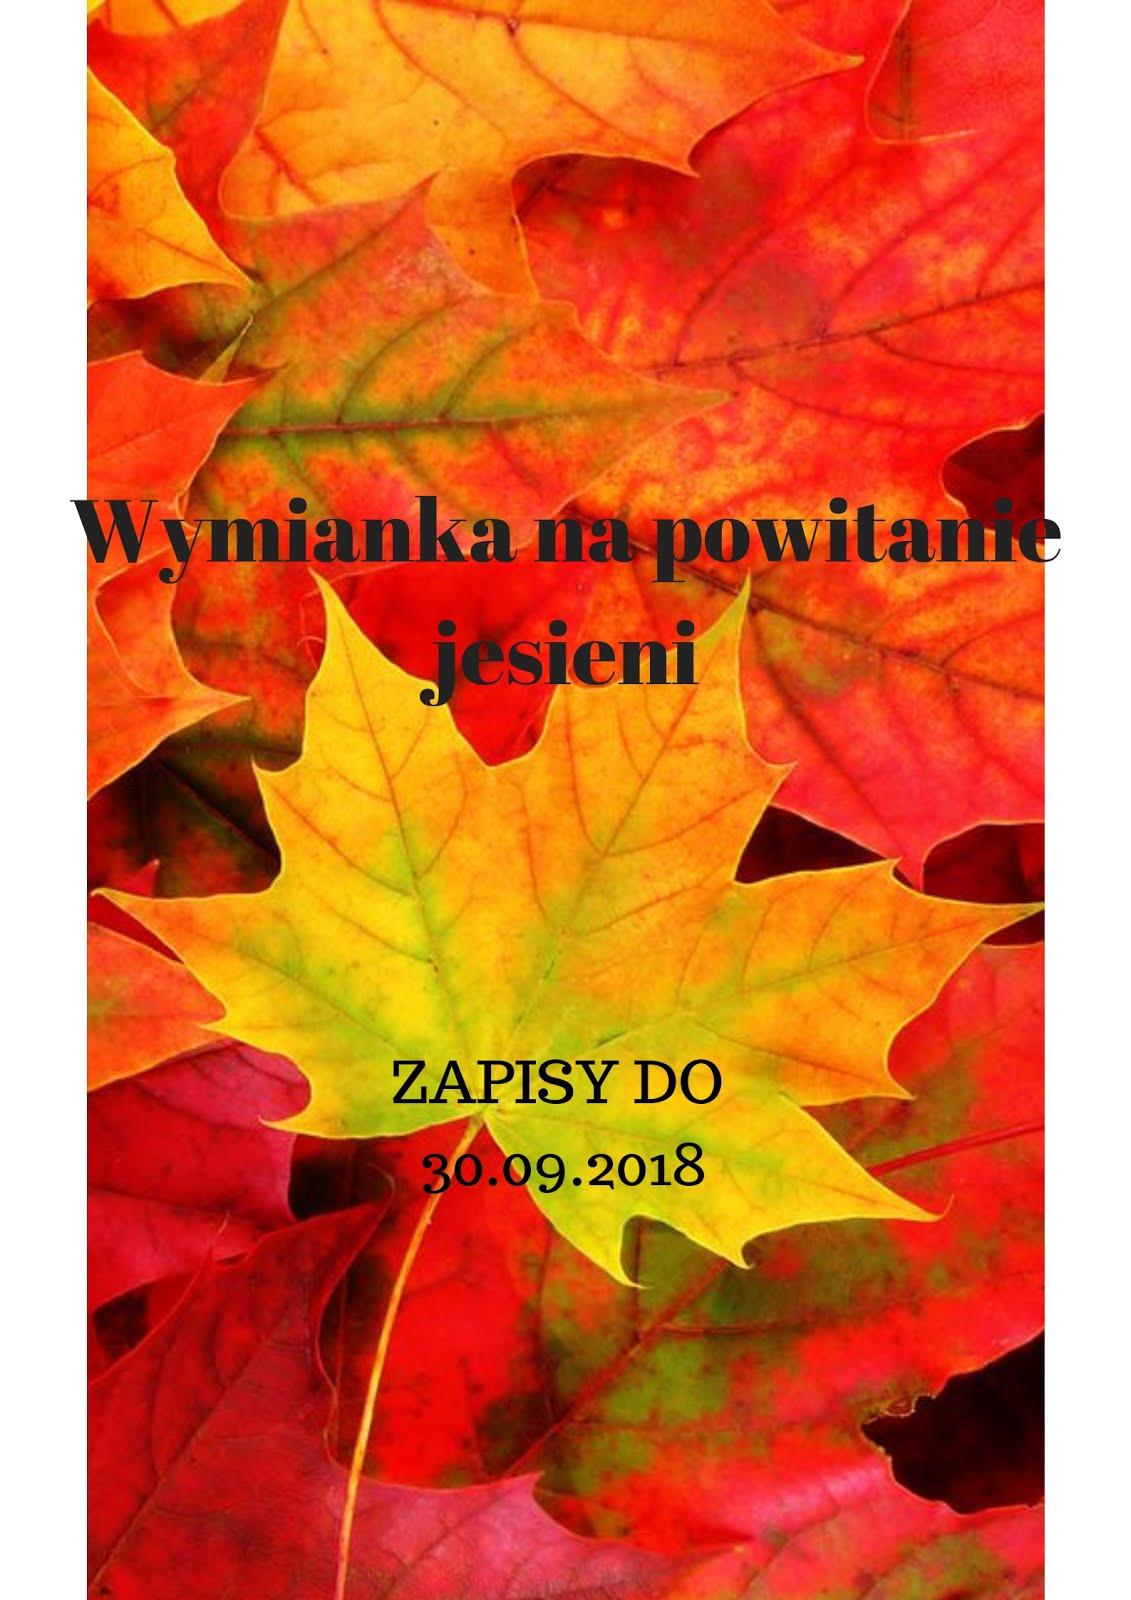 Wymianka na powitanie jesieni